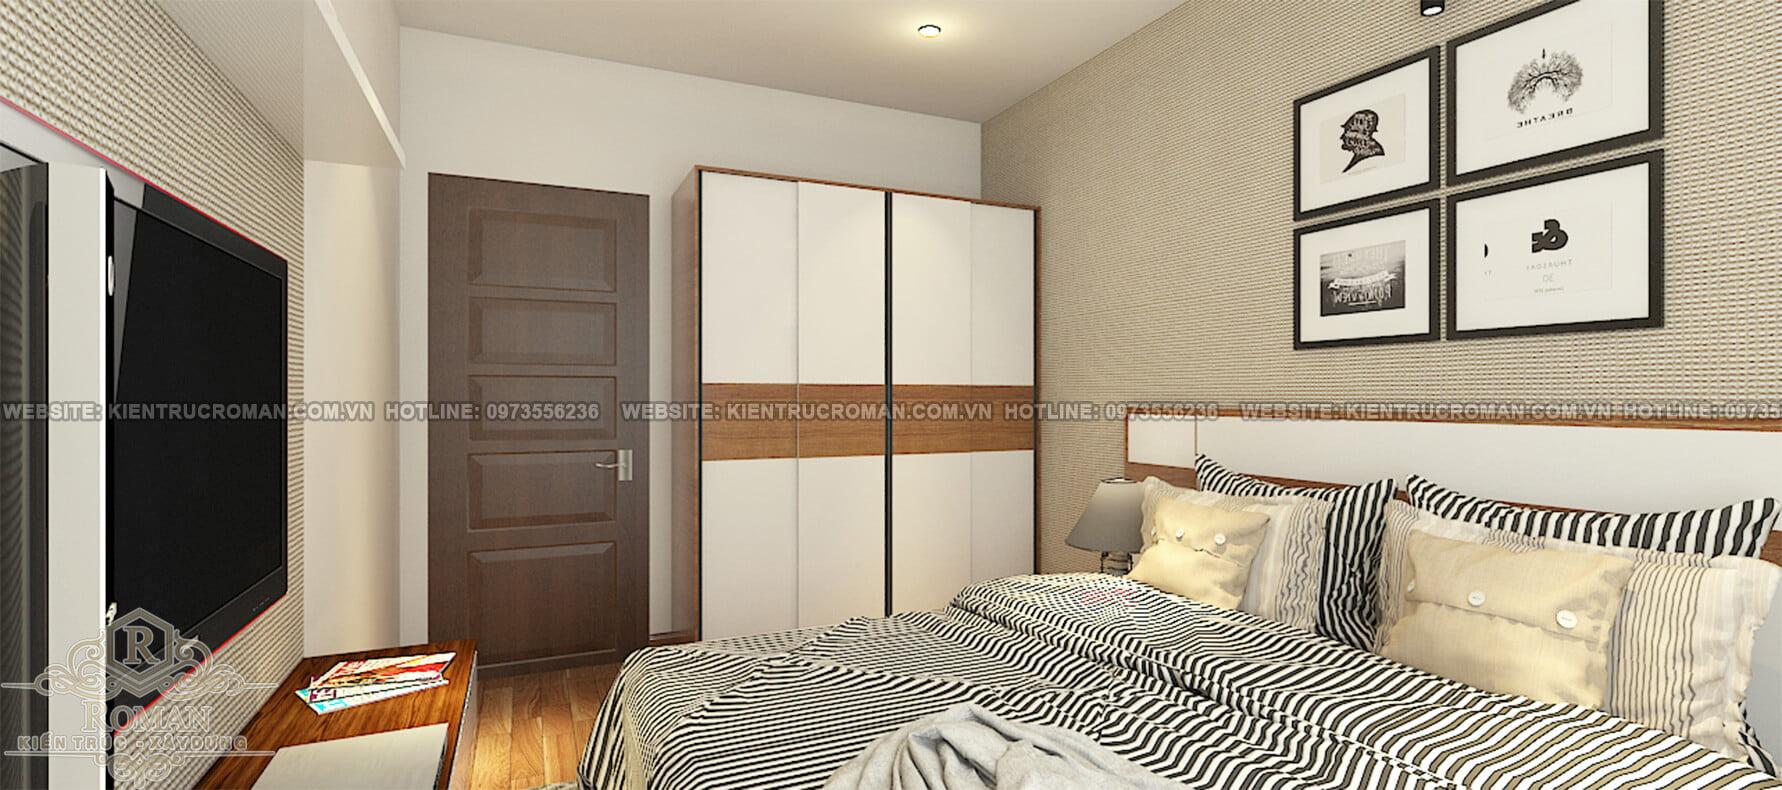 báo giá thiết kế nội thất chung cư 20